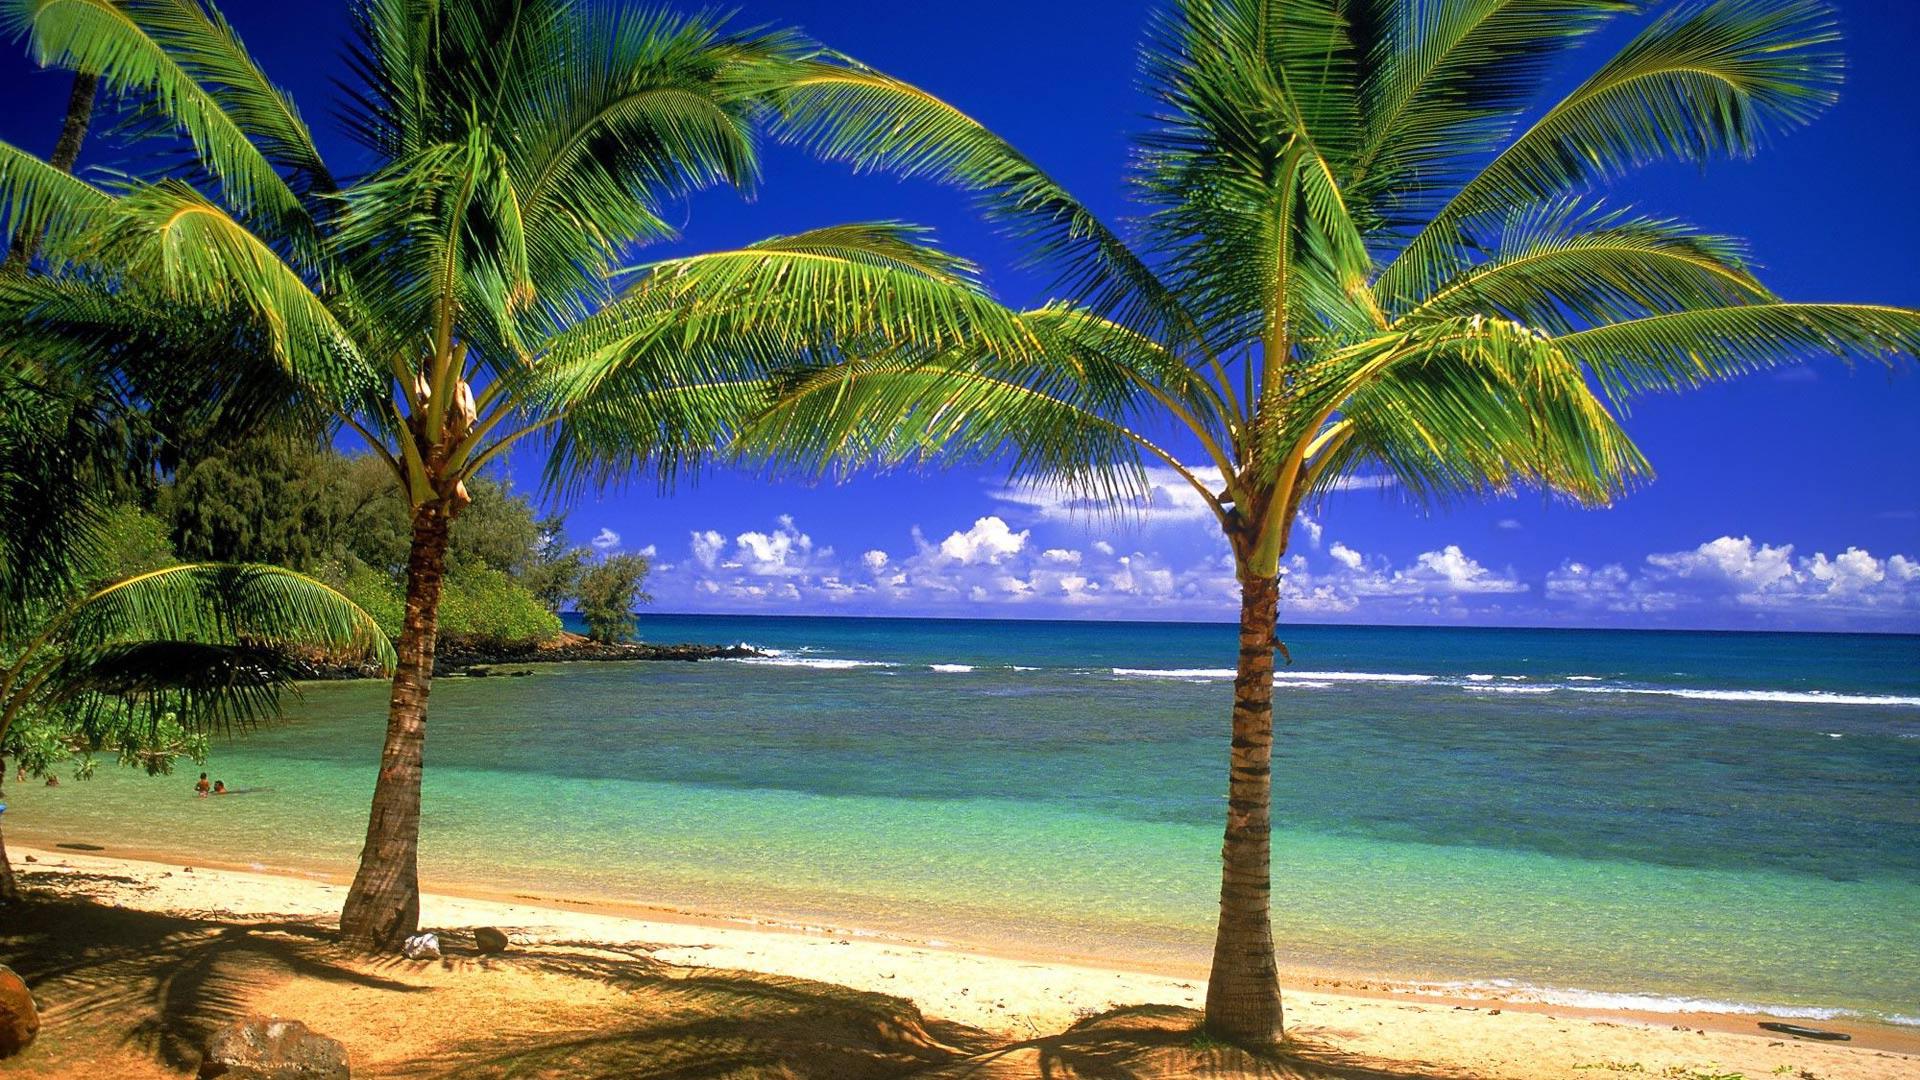 Дикий пляж 33 фото  ClassPicRU